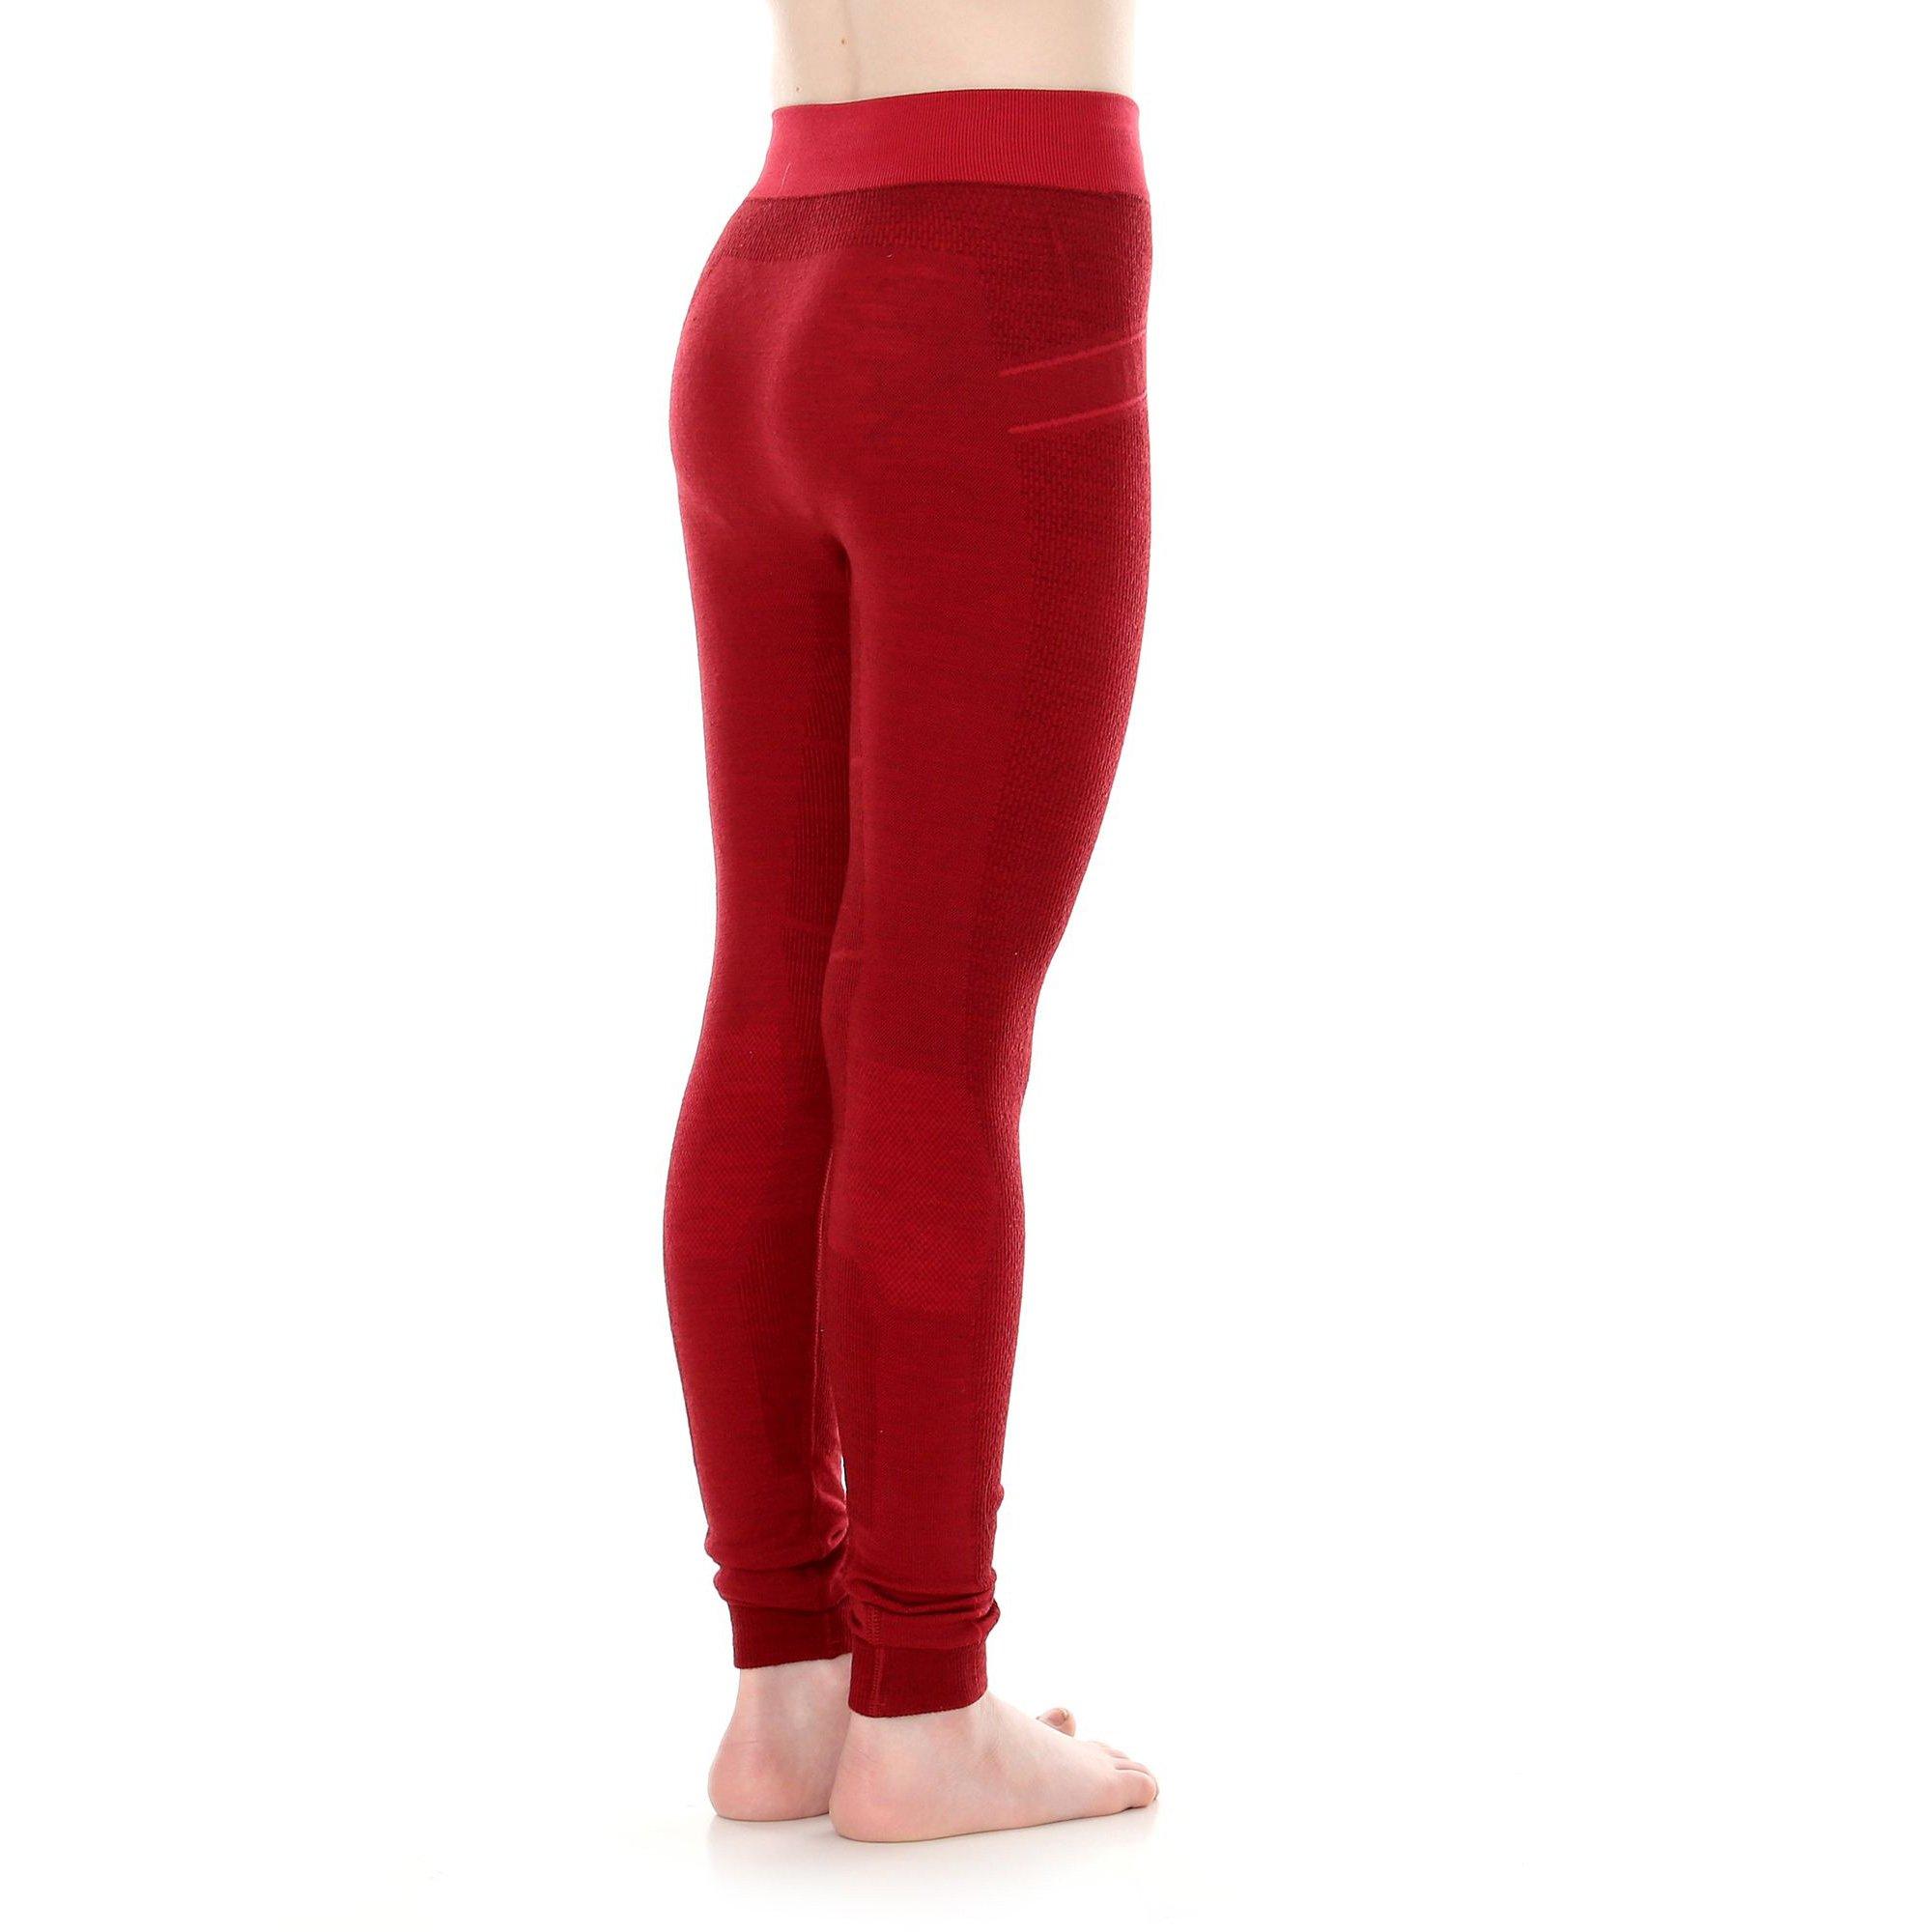 6ddc1fe32f6b28 ... Dziewczęce spodnie Brubeck ACTIVE WOOL Legginsy termoaktywne Wełna  MERINO ...